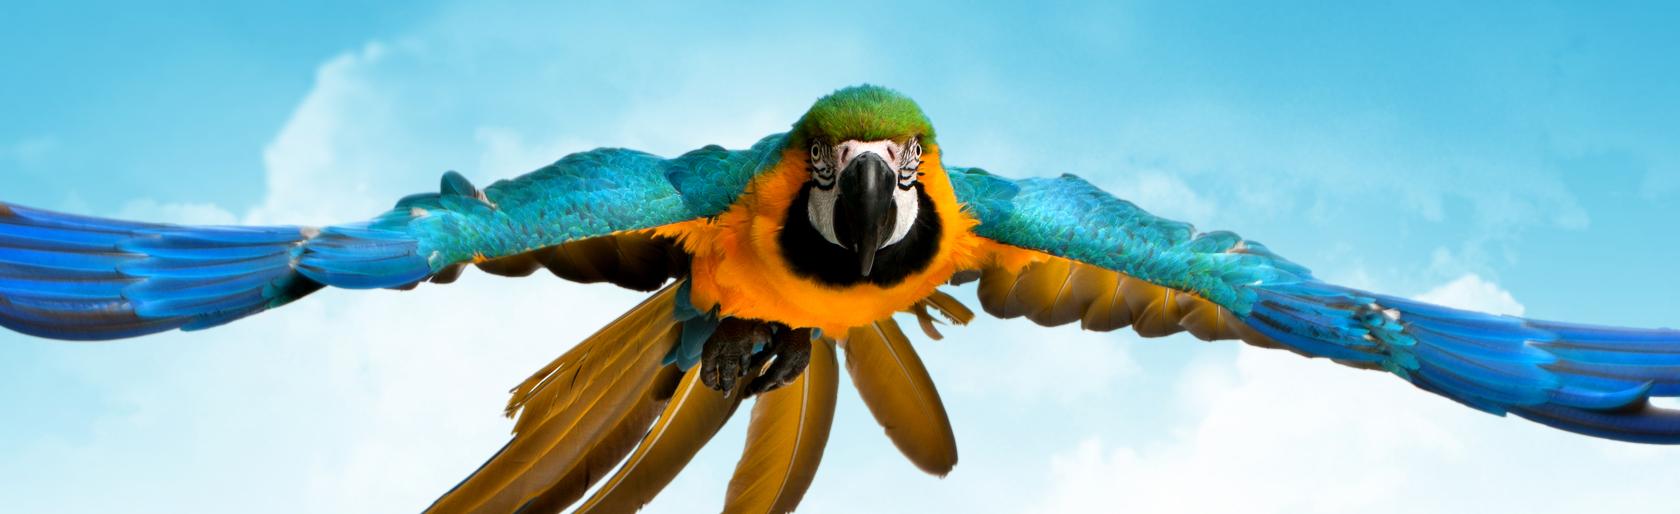 Apresentações impactantes e a piada do papagaio